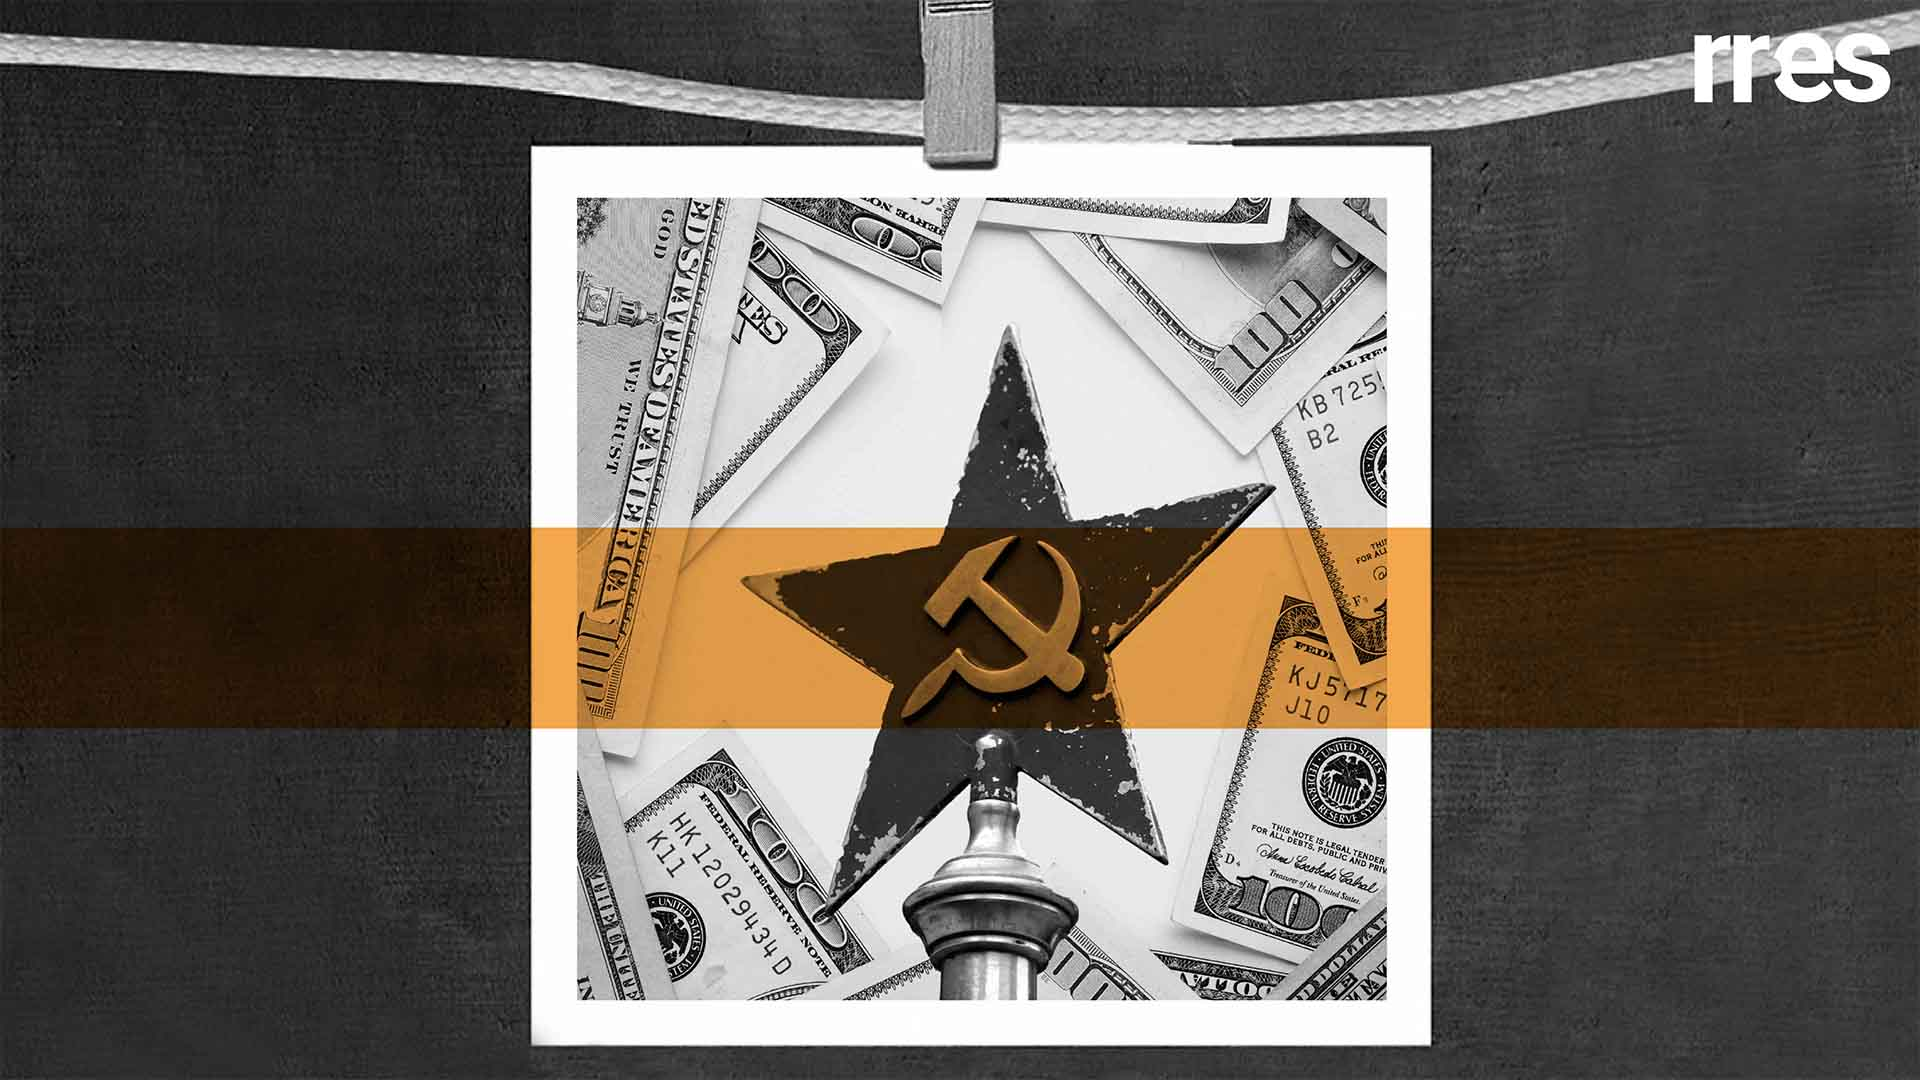 Apuntes de otoño III | Las ideologías son una quincalla, por Julio Castillo Sagarzazu